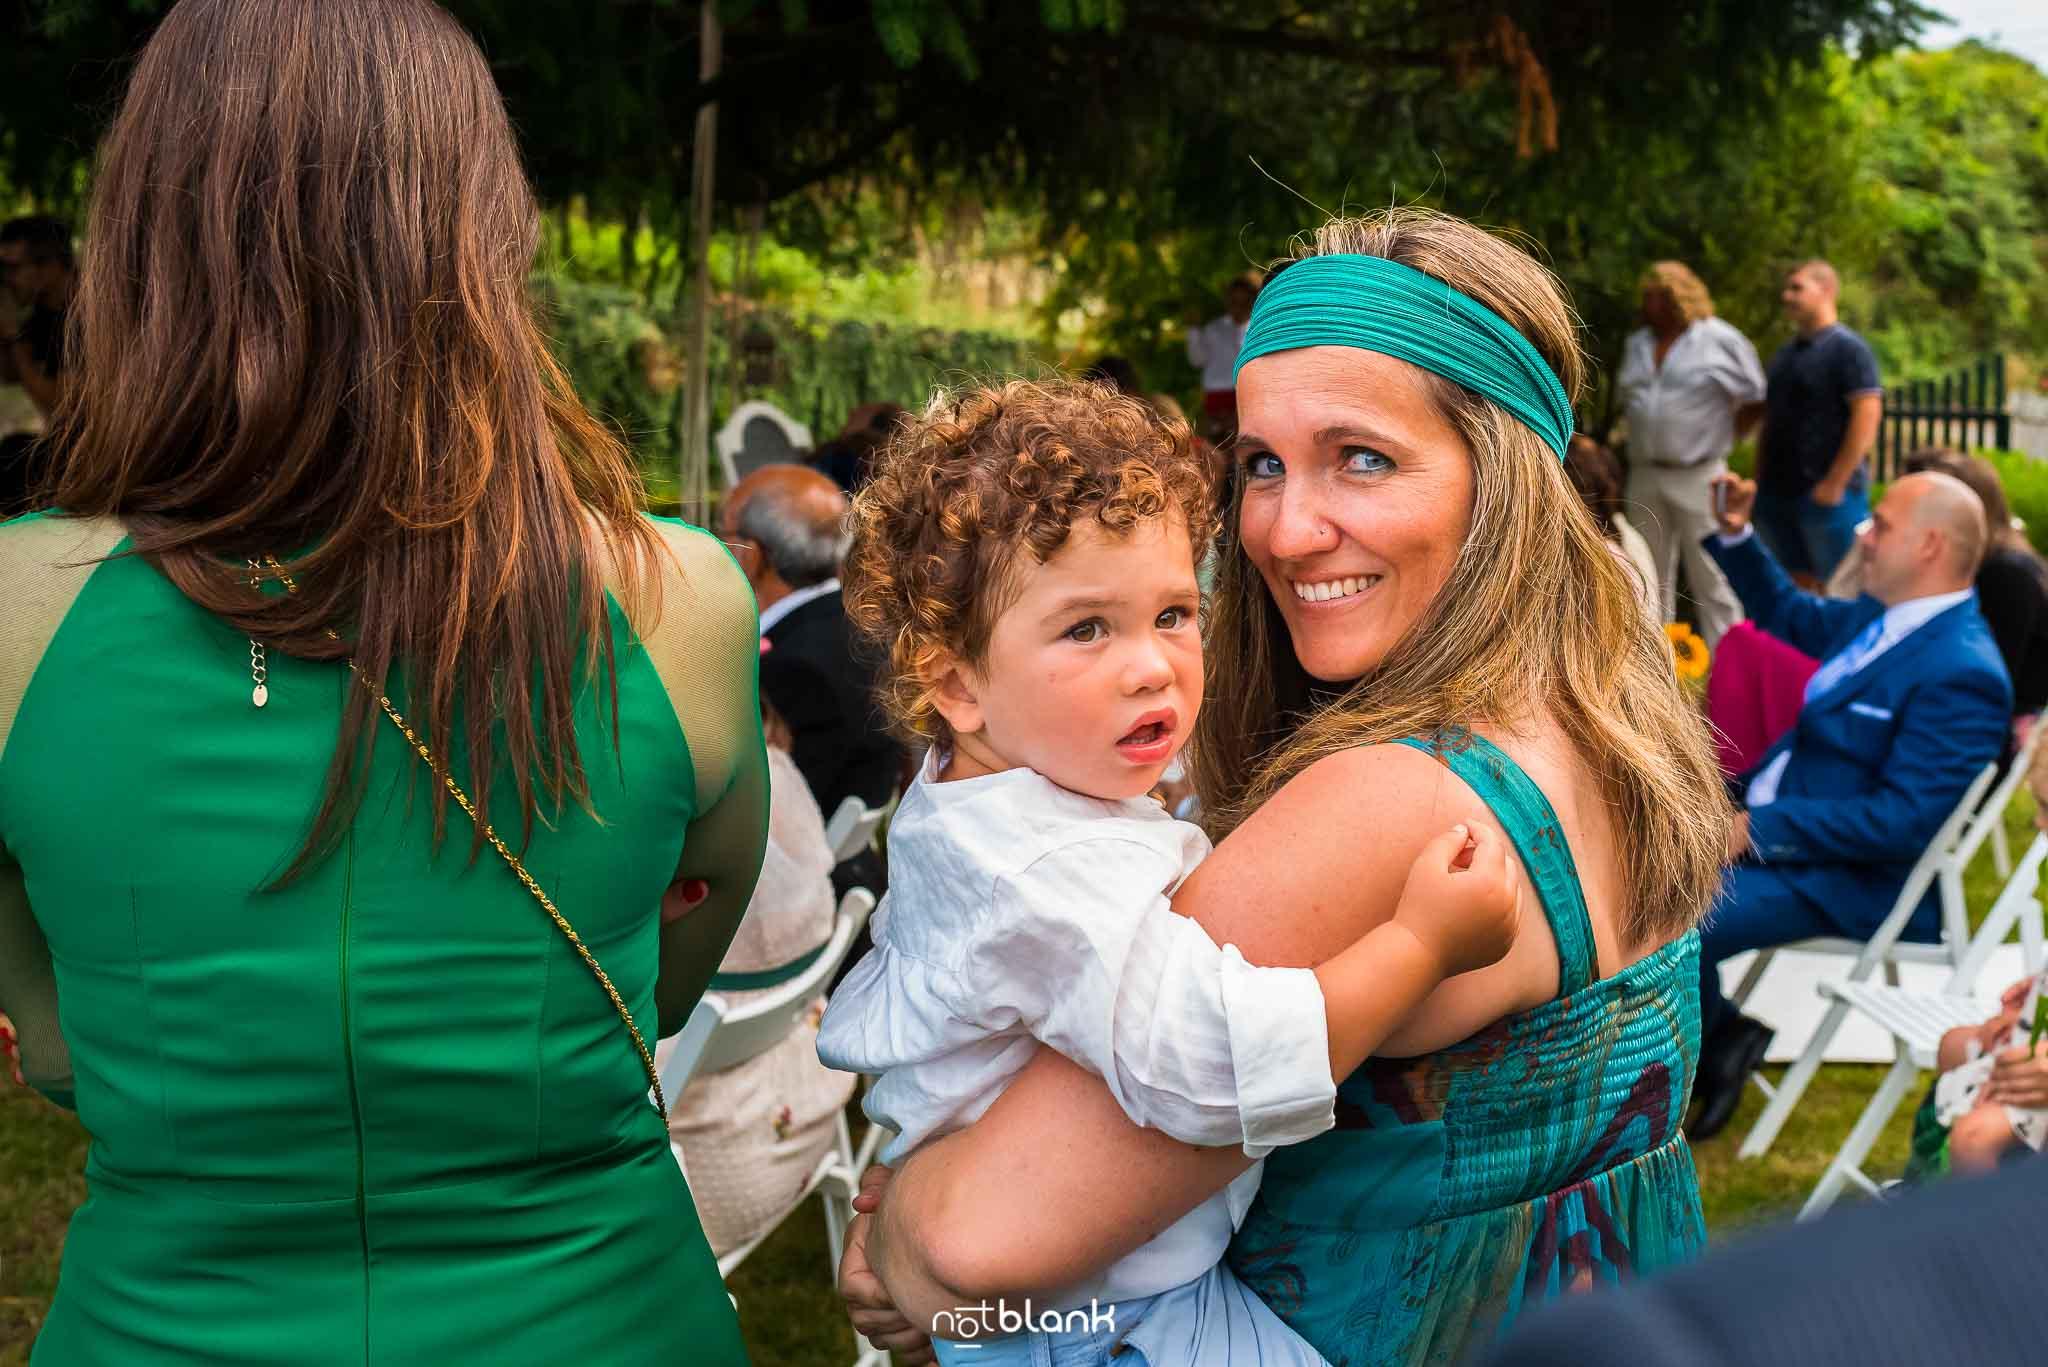 Boda En El Jardin De Casa Jana y Fran - Una invitada sostiene a su hijo en el colo durante la ceremonia civil - Notblank Fotografos de boda